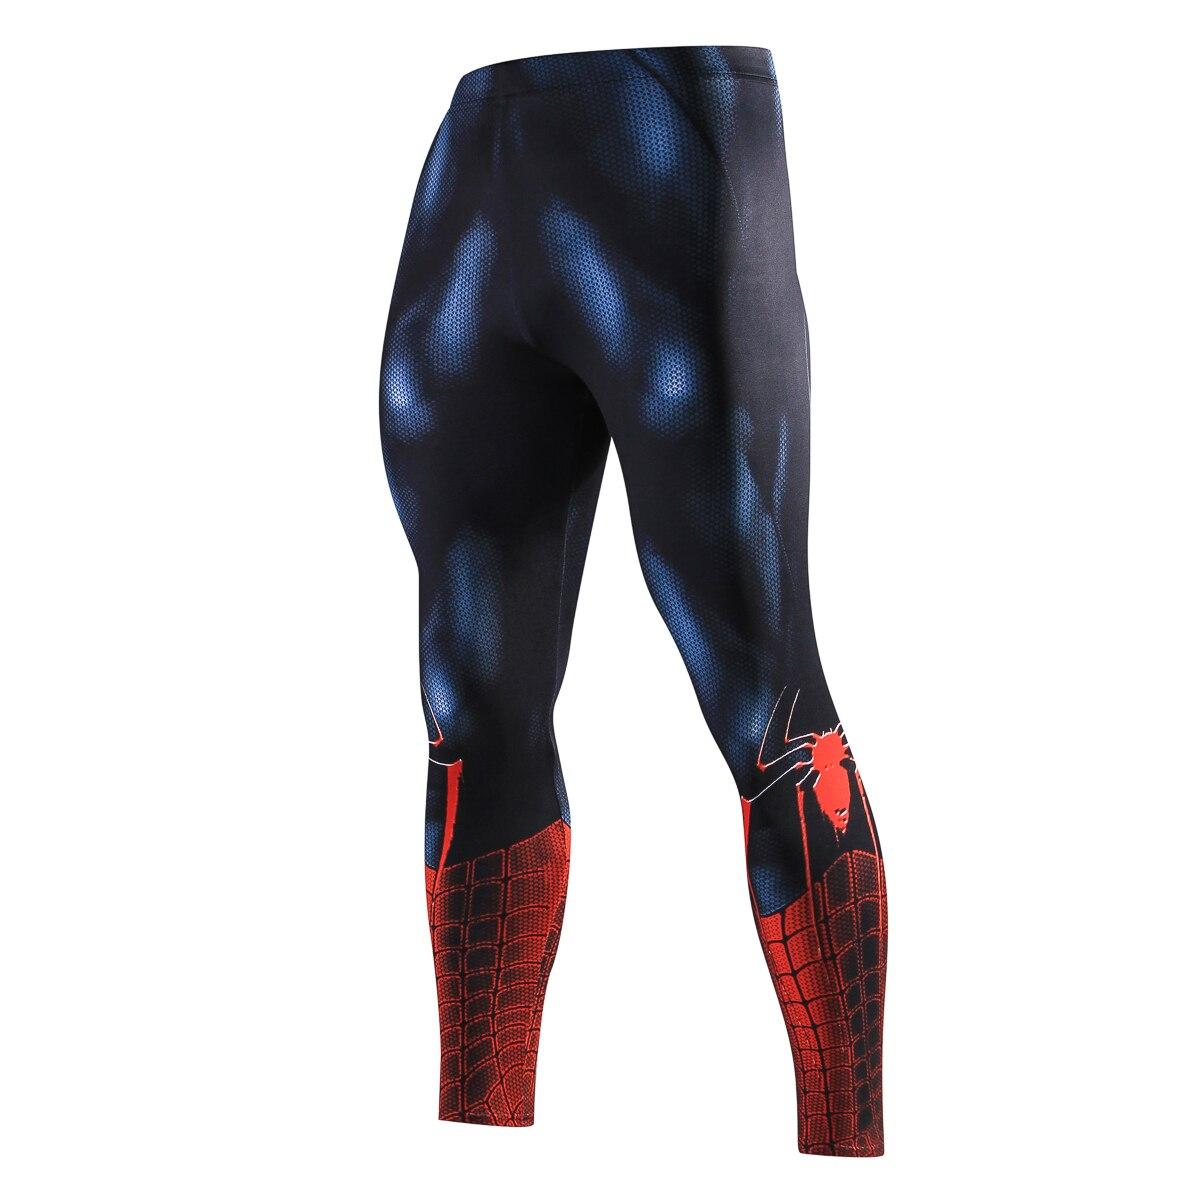 Для мужчин узкие сжатия Брюки для девочек Супермен Человек-паук Железный человек Бэтмен Леггинсы для женщин Треники 3D Фитнес Бодибилдинг лосины